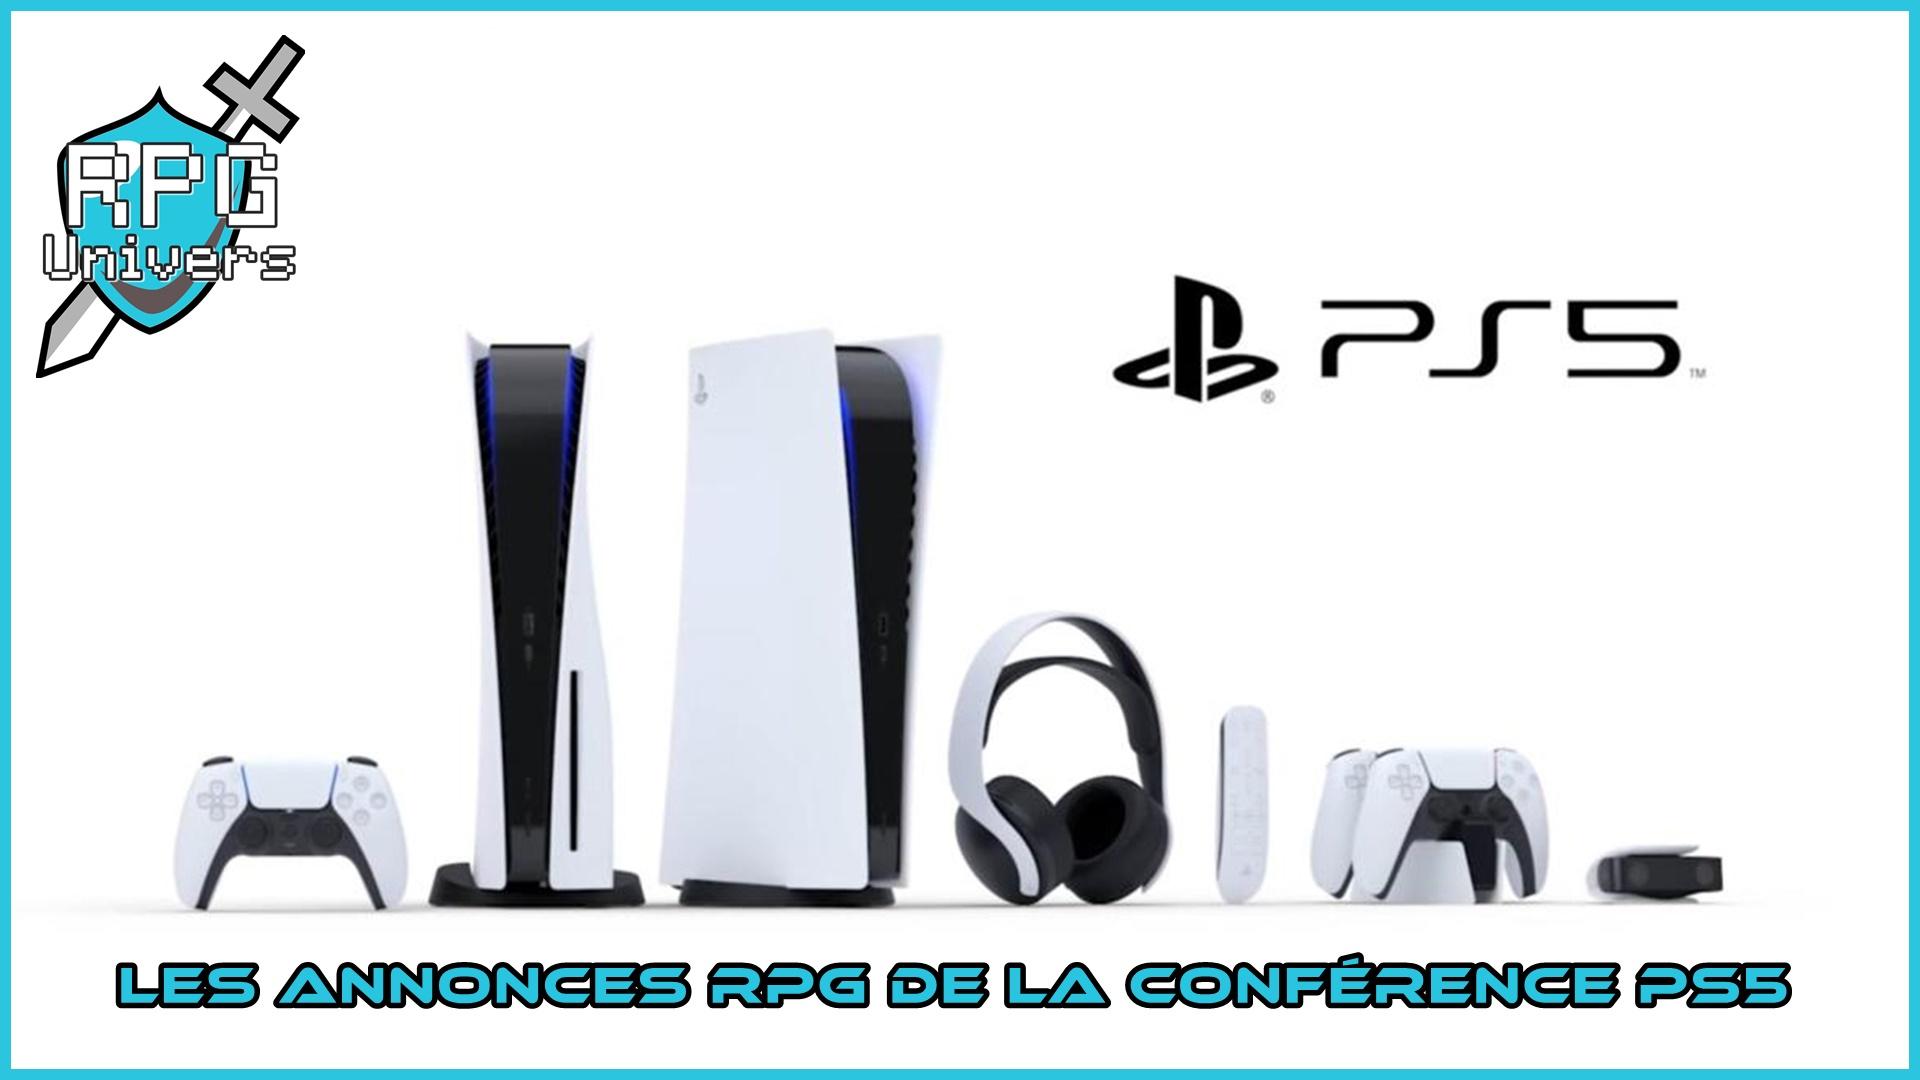 Playstation 5 : Notre top 5 des annonces RPG de la conférence